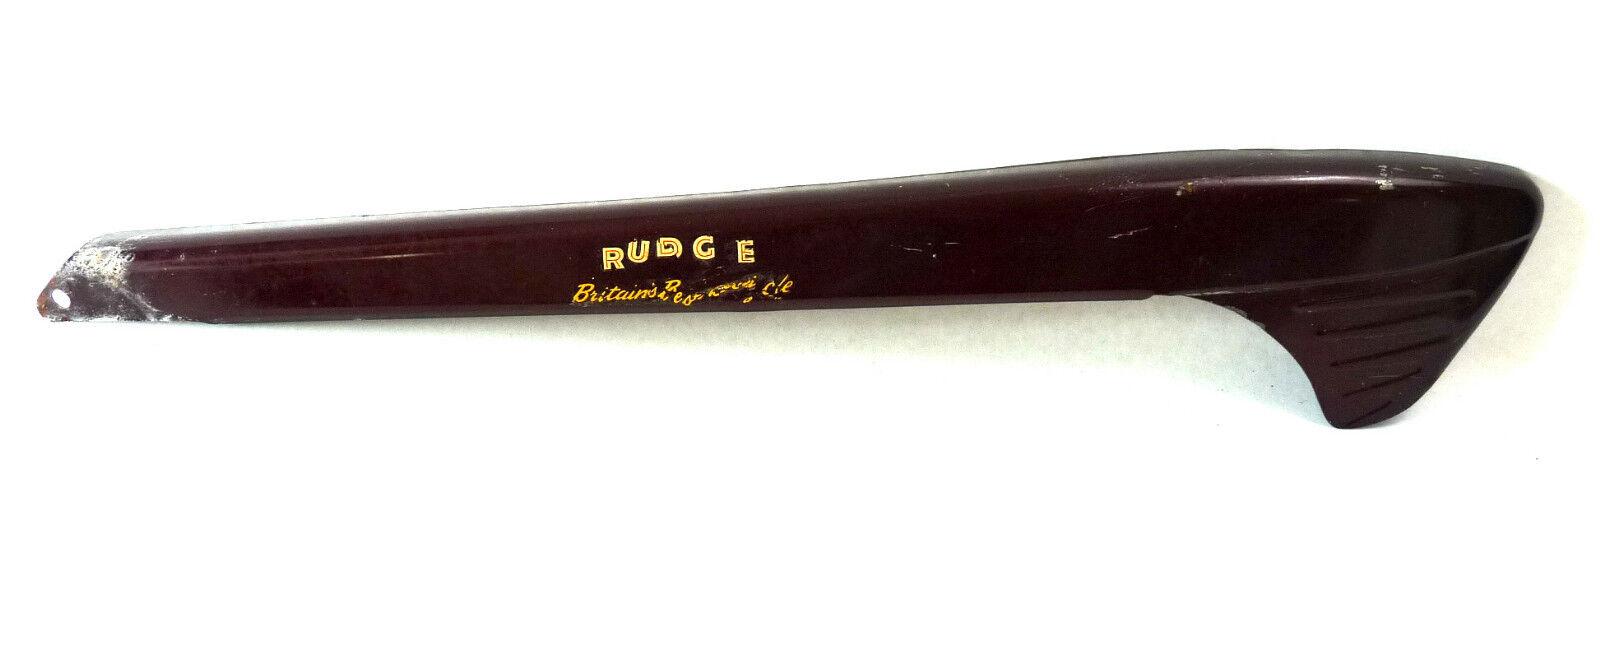 NOS Rudge chainguard chain predector dark red maroon burgundy 2